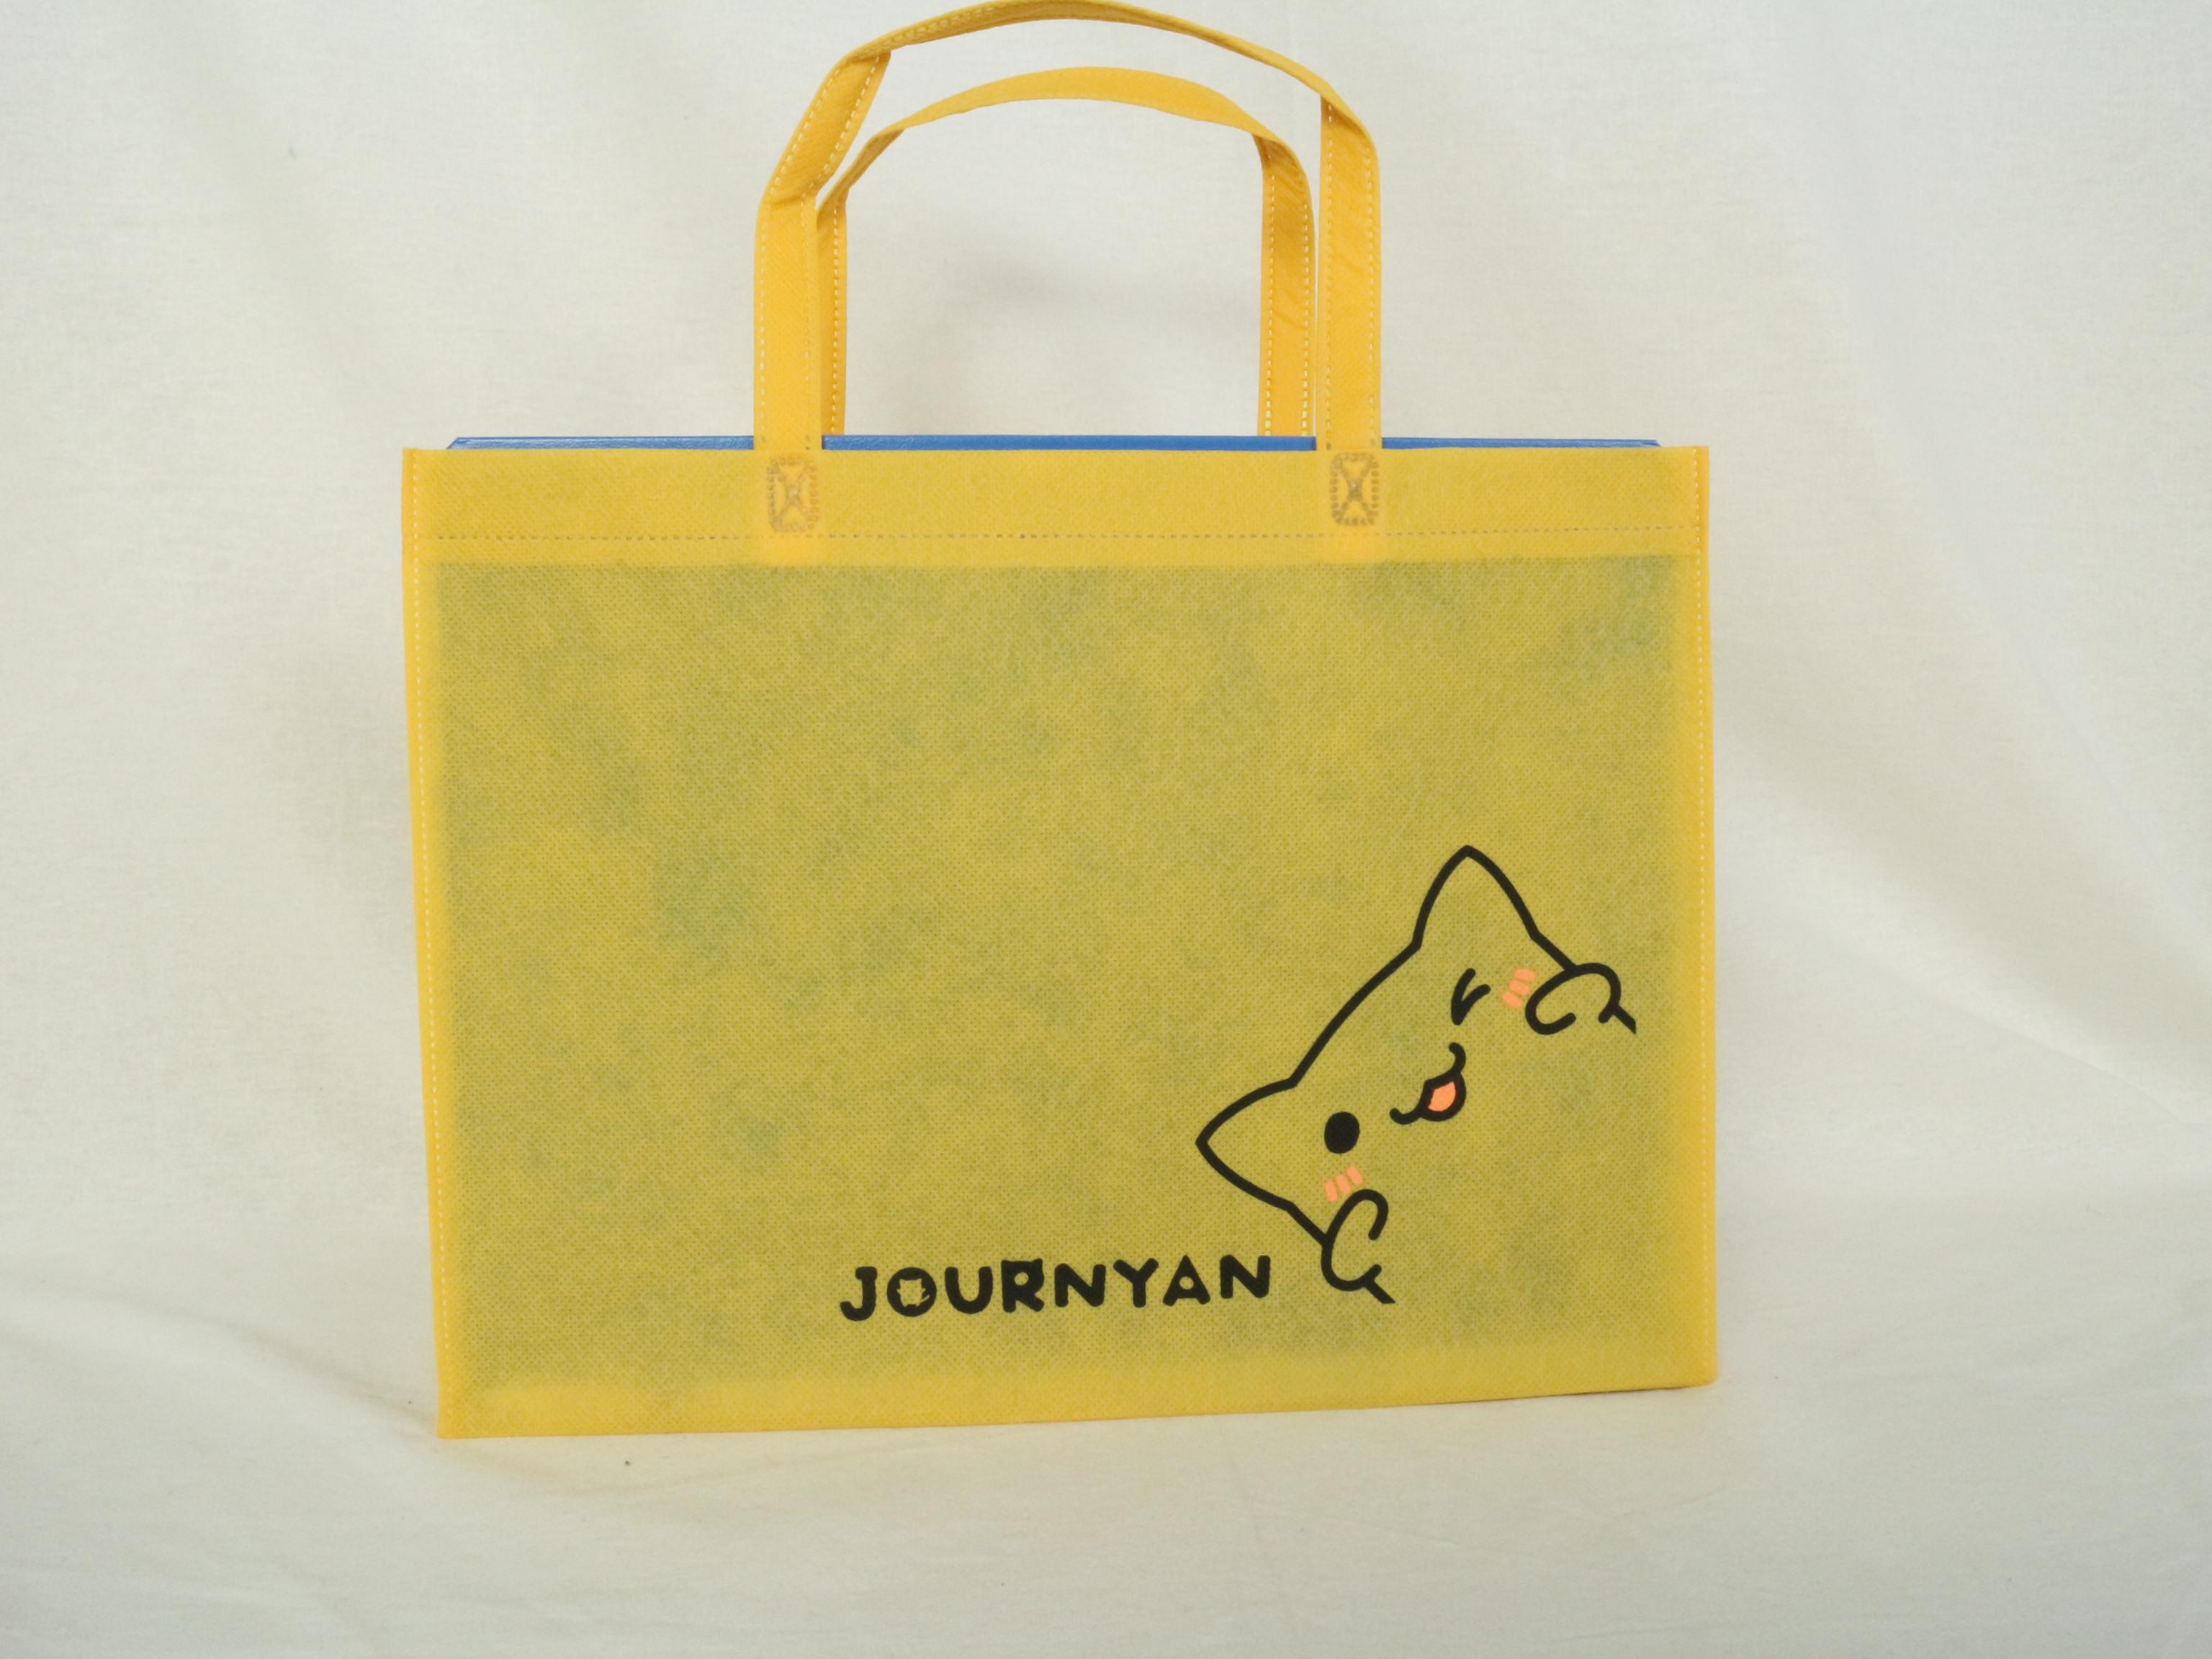 フリーペーパーを発行されている企業様のオリジナル不織布バッグ